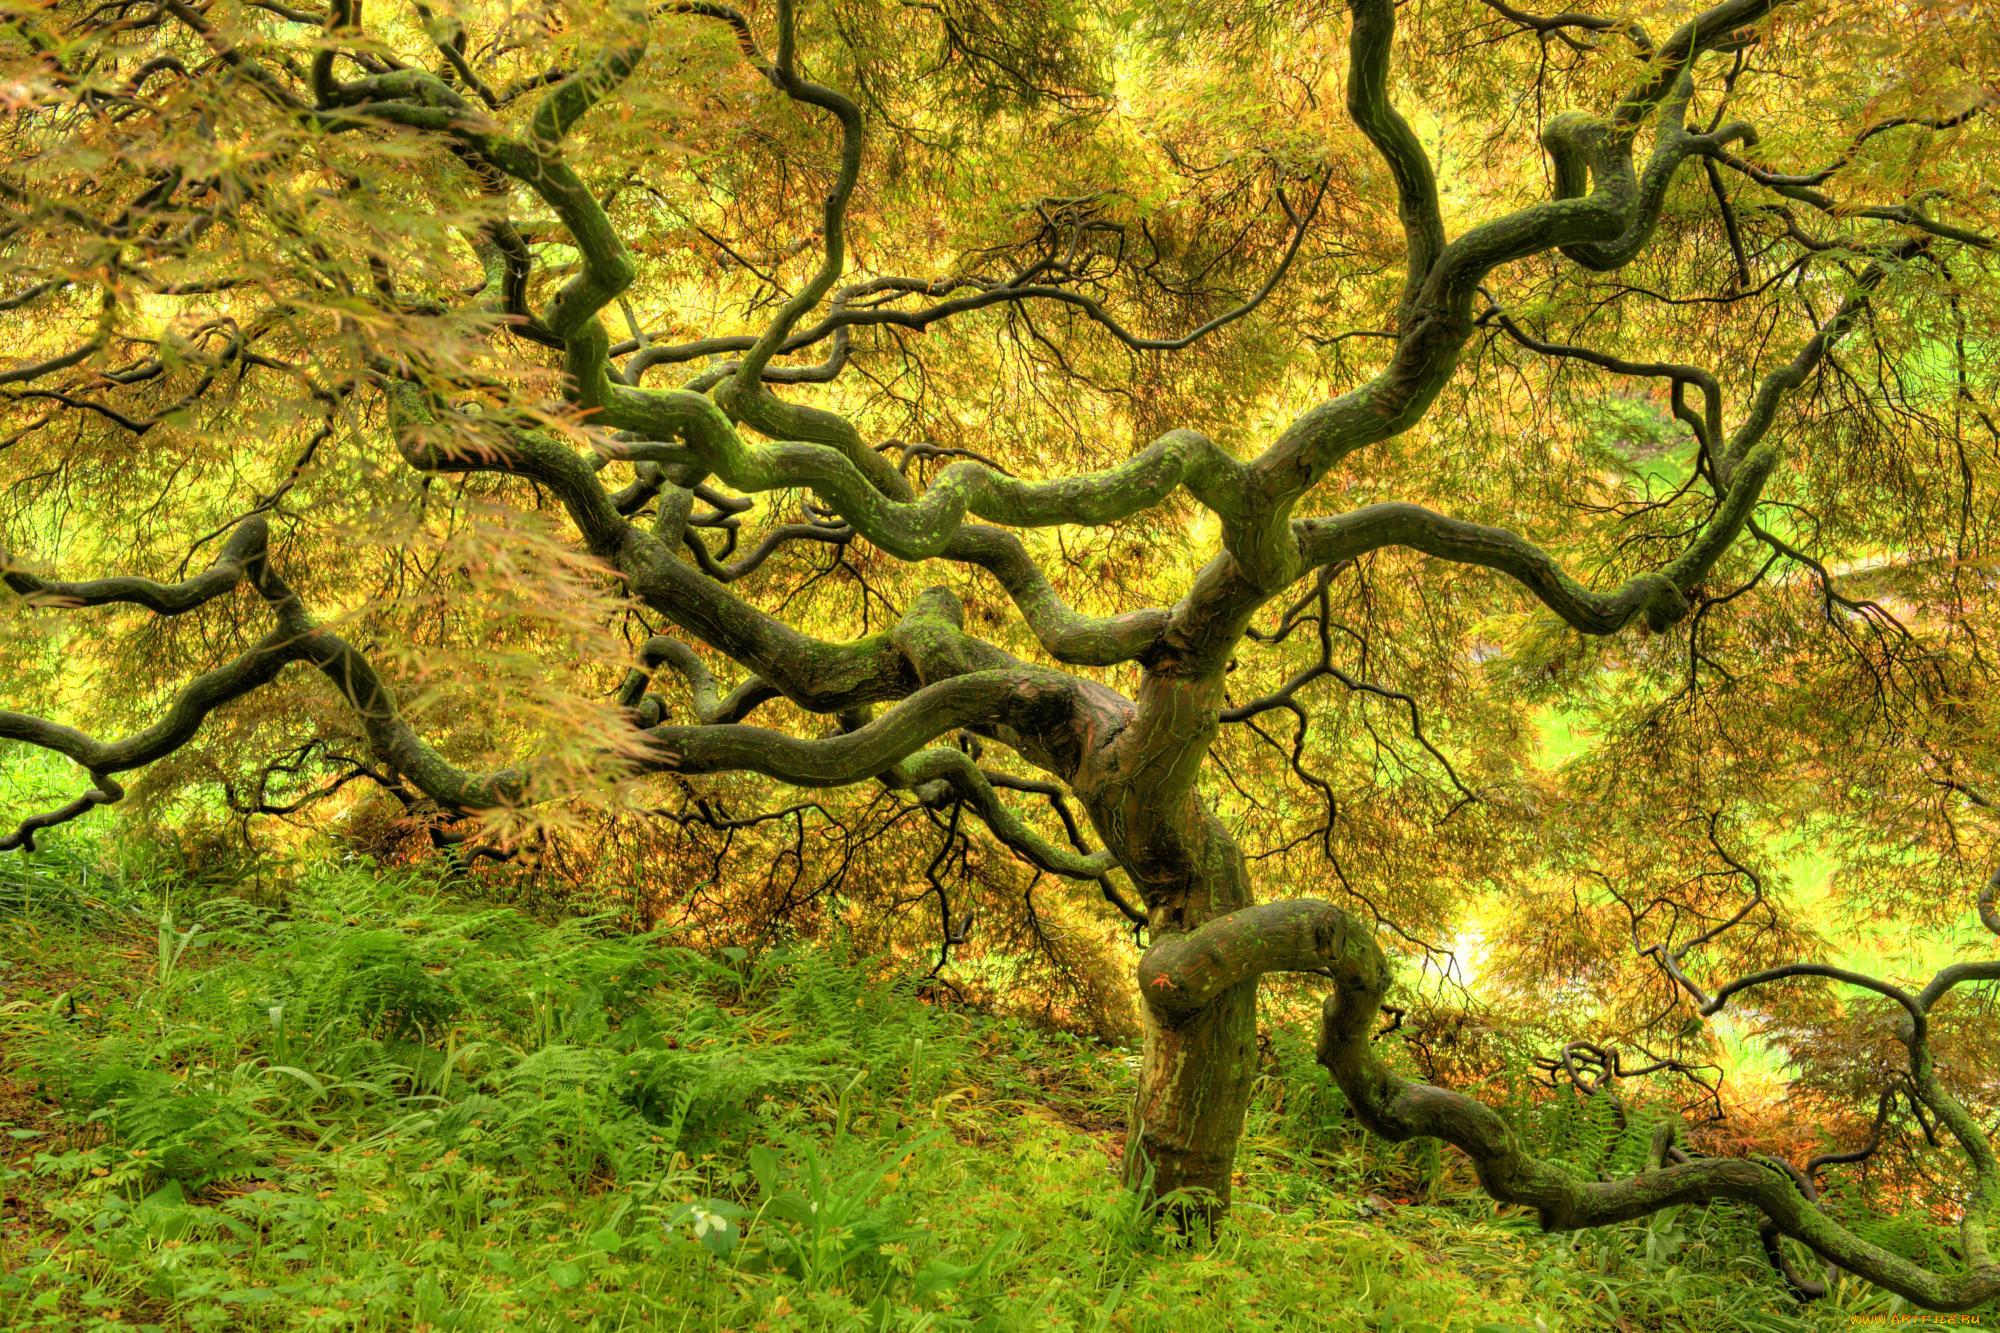 извилистое дерево фото челентано